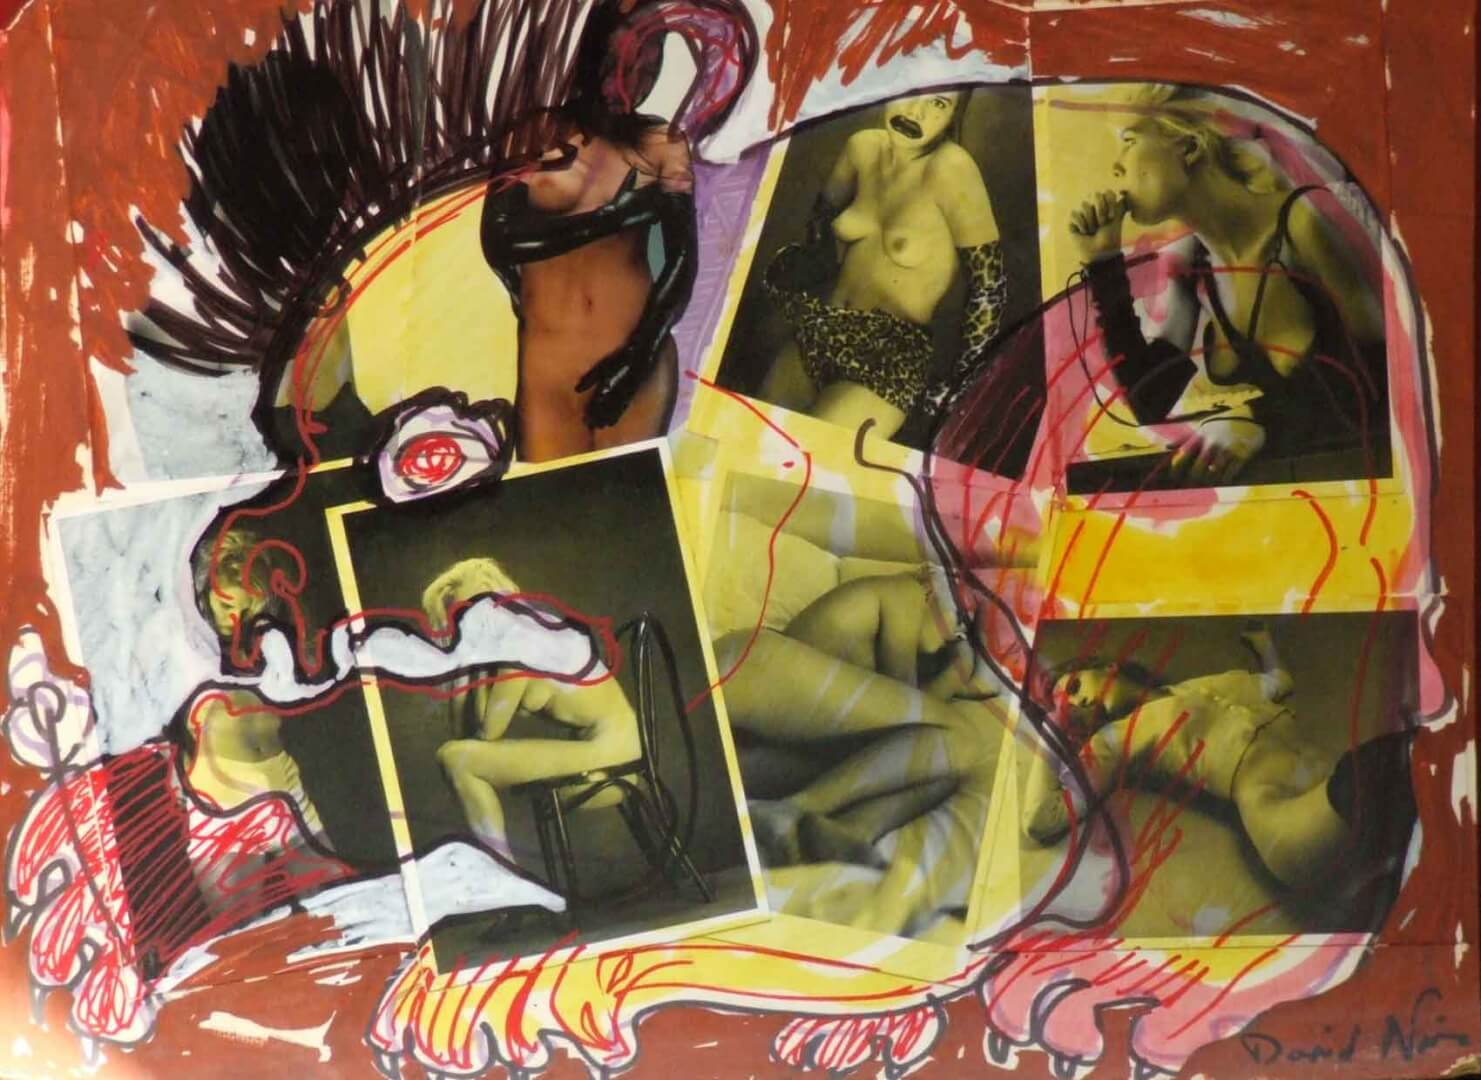 Mangeur de filles © David Noir | Dessins, peintures, collages